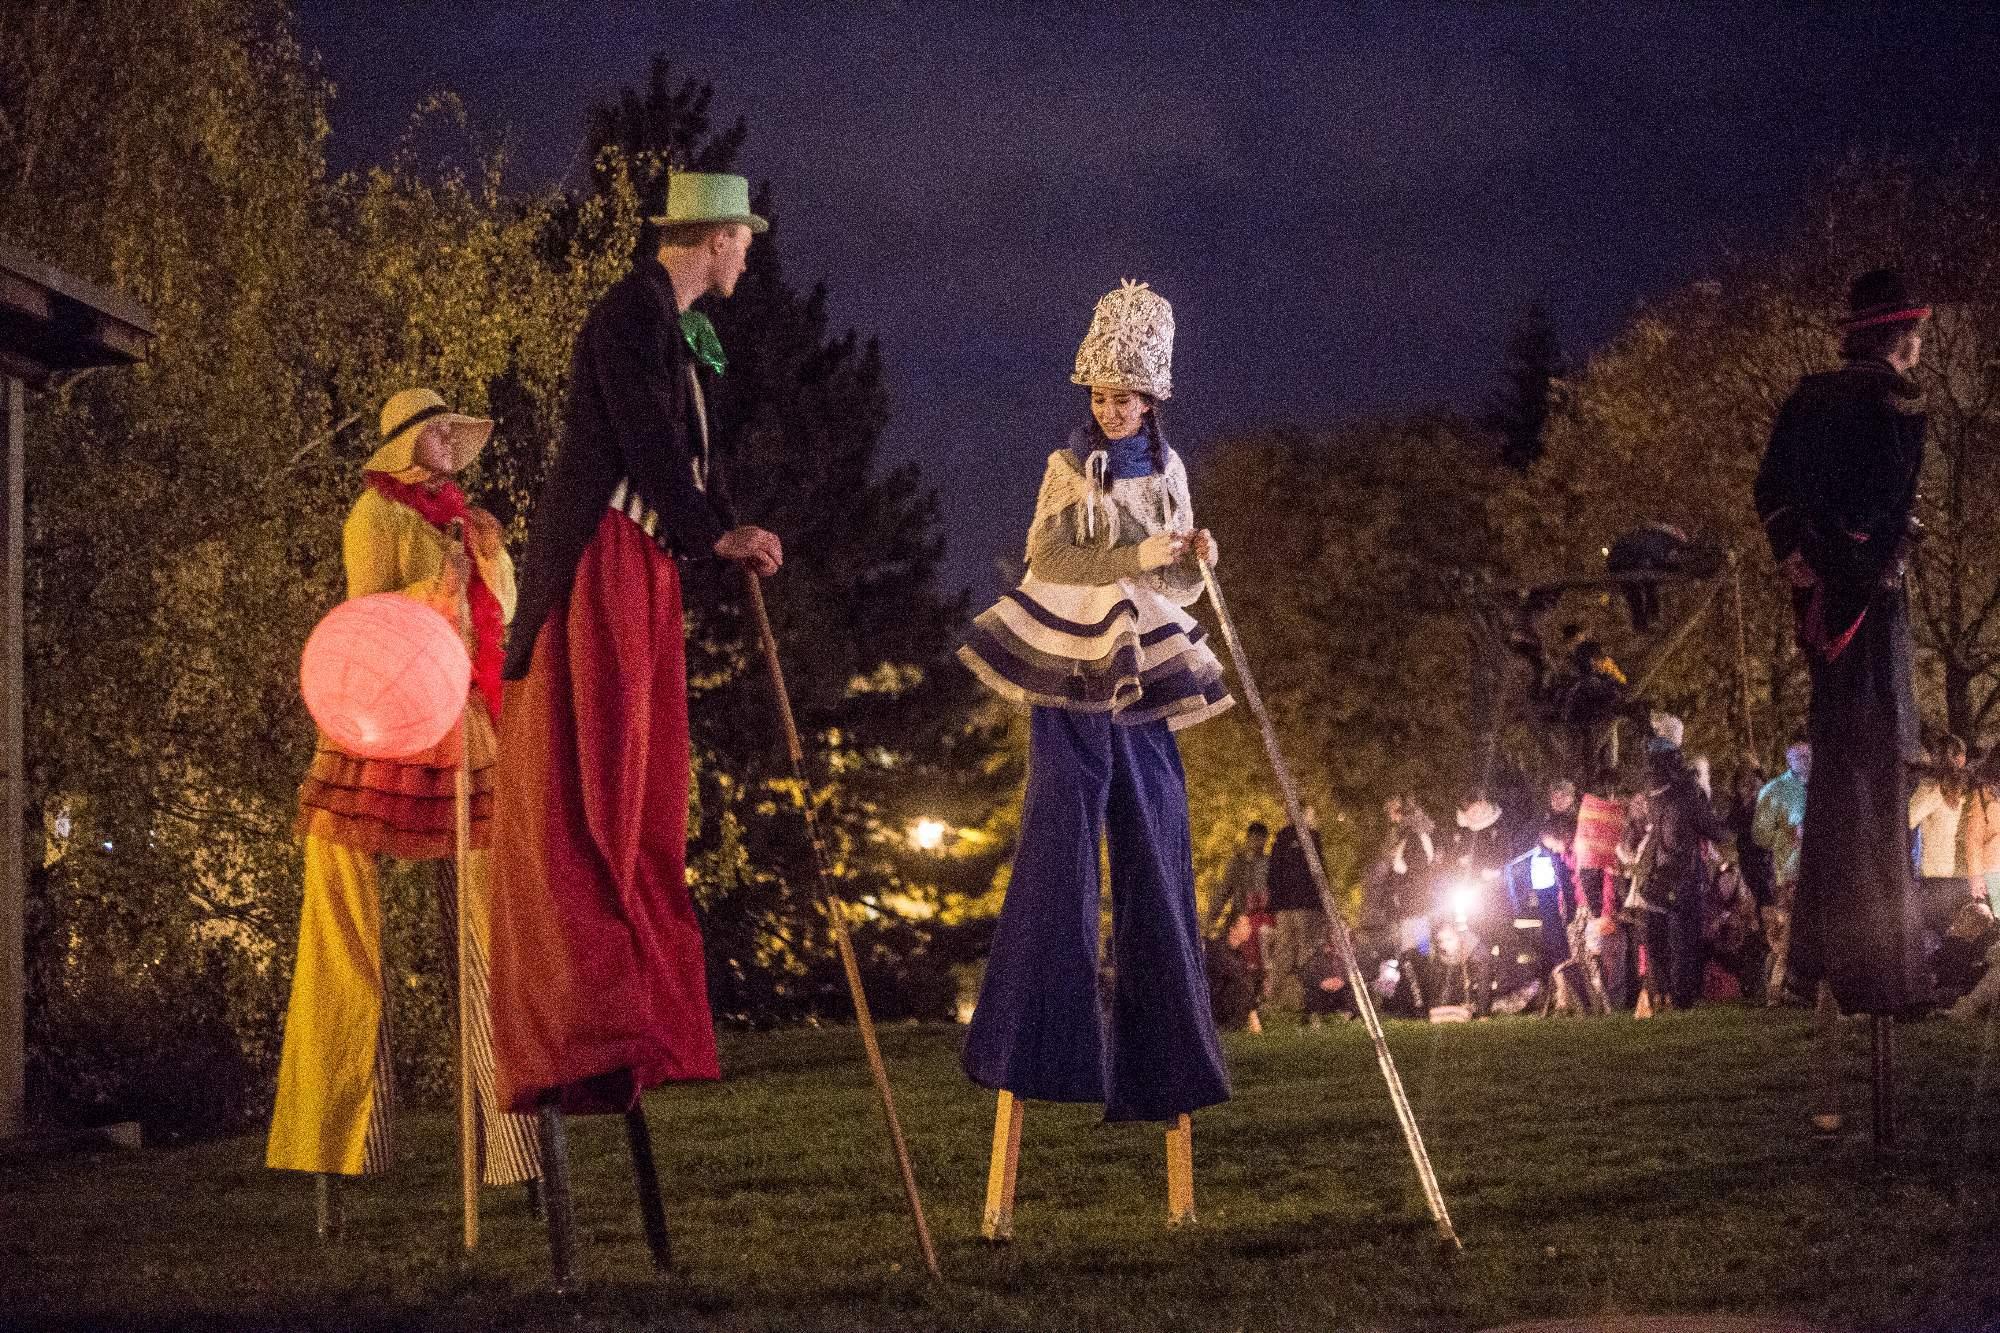 Když průvod došel do svého cíle, cirkusu Legrando, začala předávat své dary Zima Létu. Foto: Kristýna Čermáková